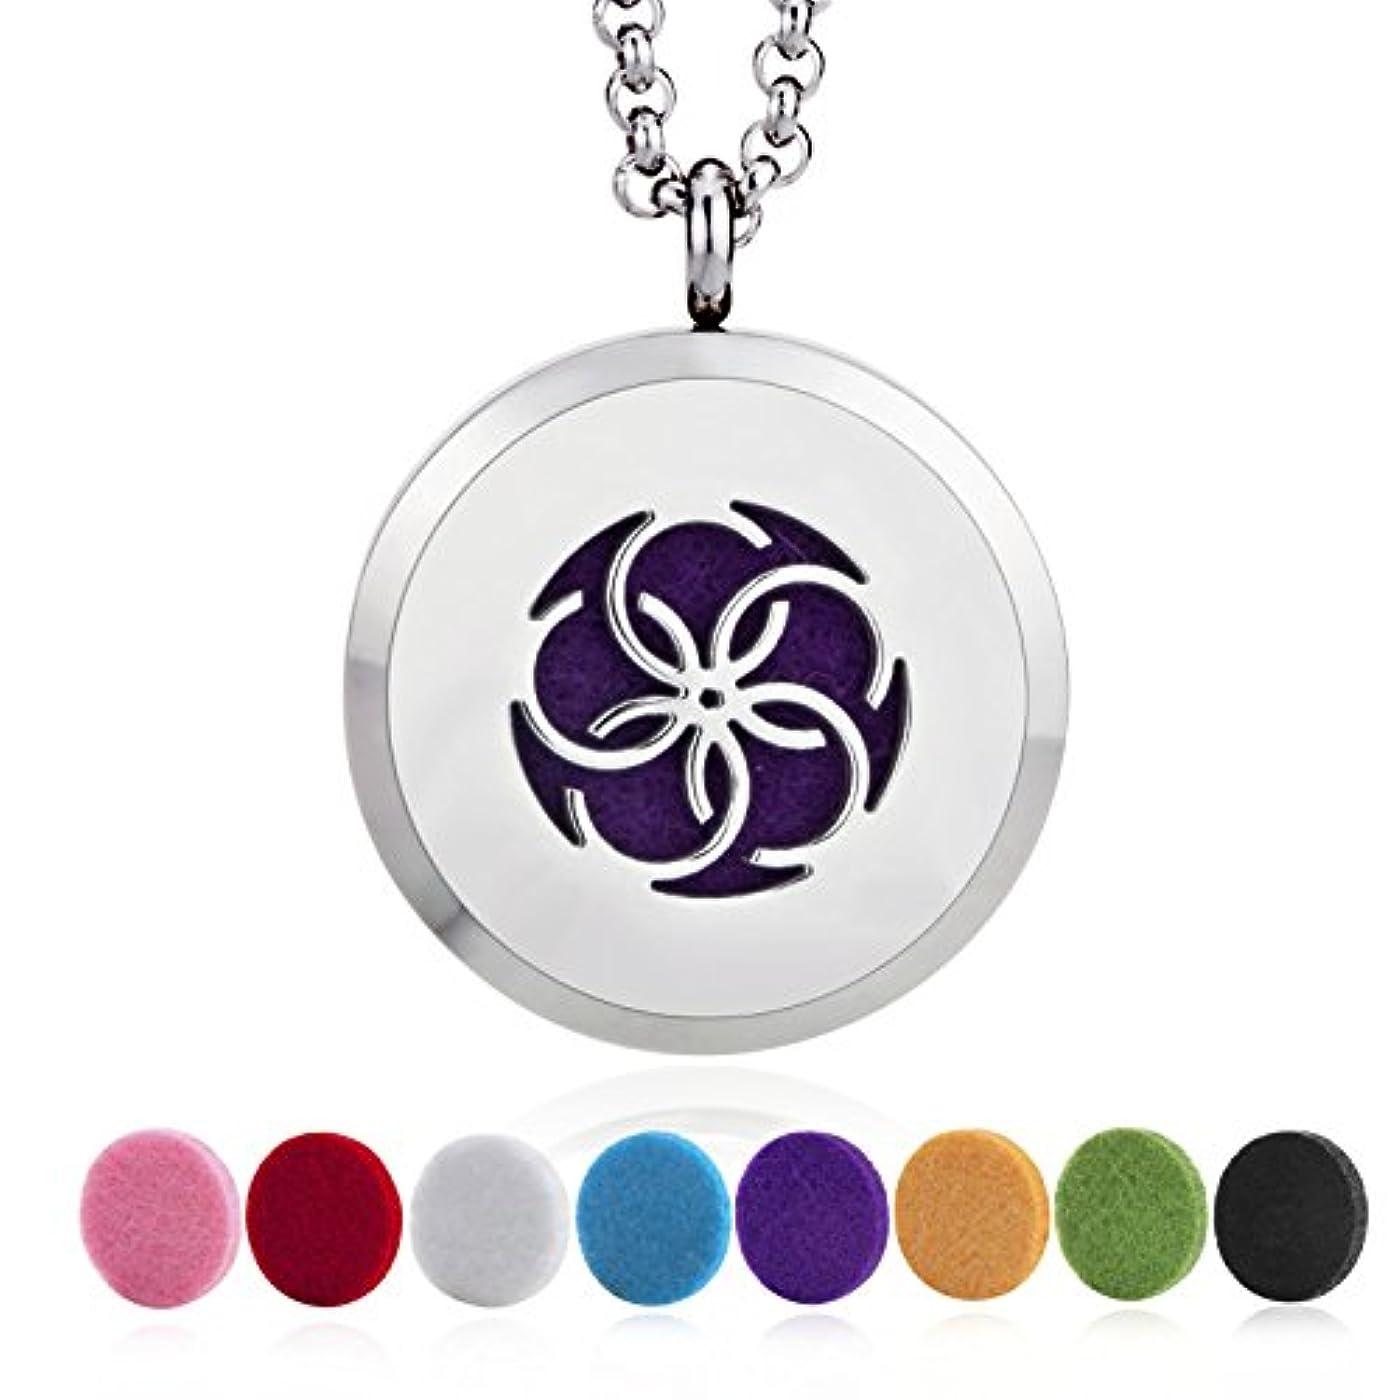 食堂素晴らしさ動脈Aromatherapy Essential Oil Diffuser necklace-stainlessスチール2つのロケットペンダントチェーン+ 8フェルトパッド